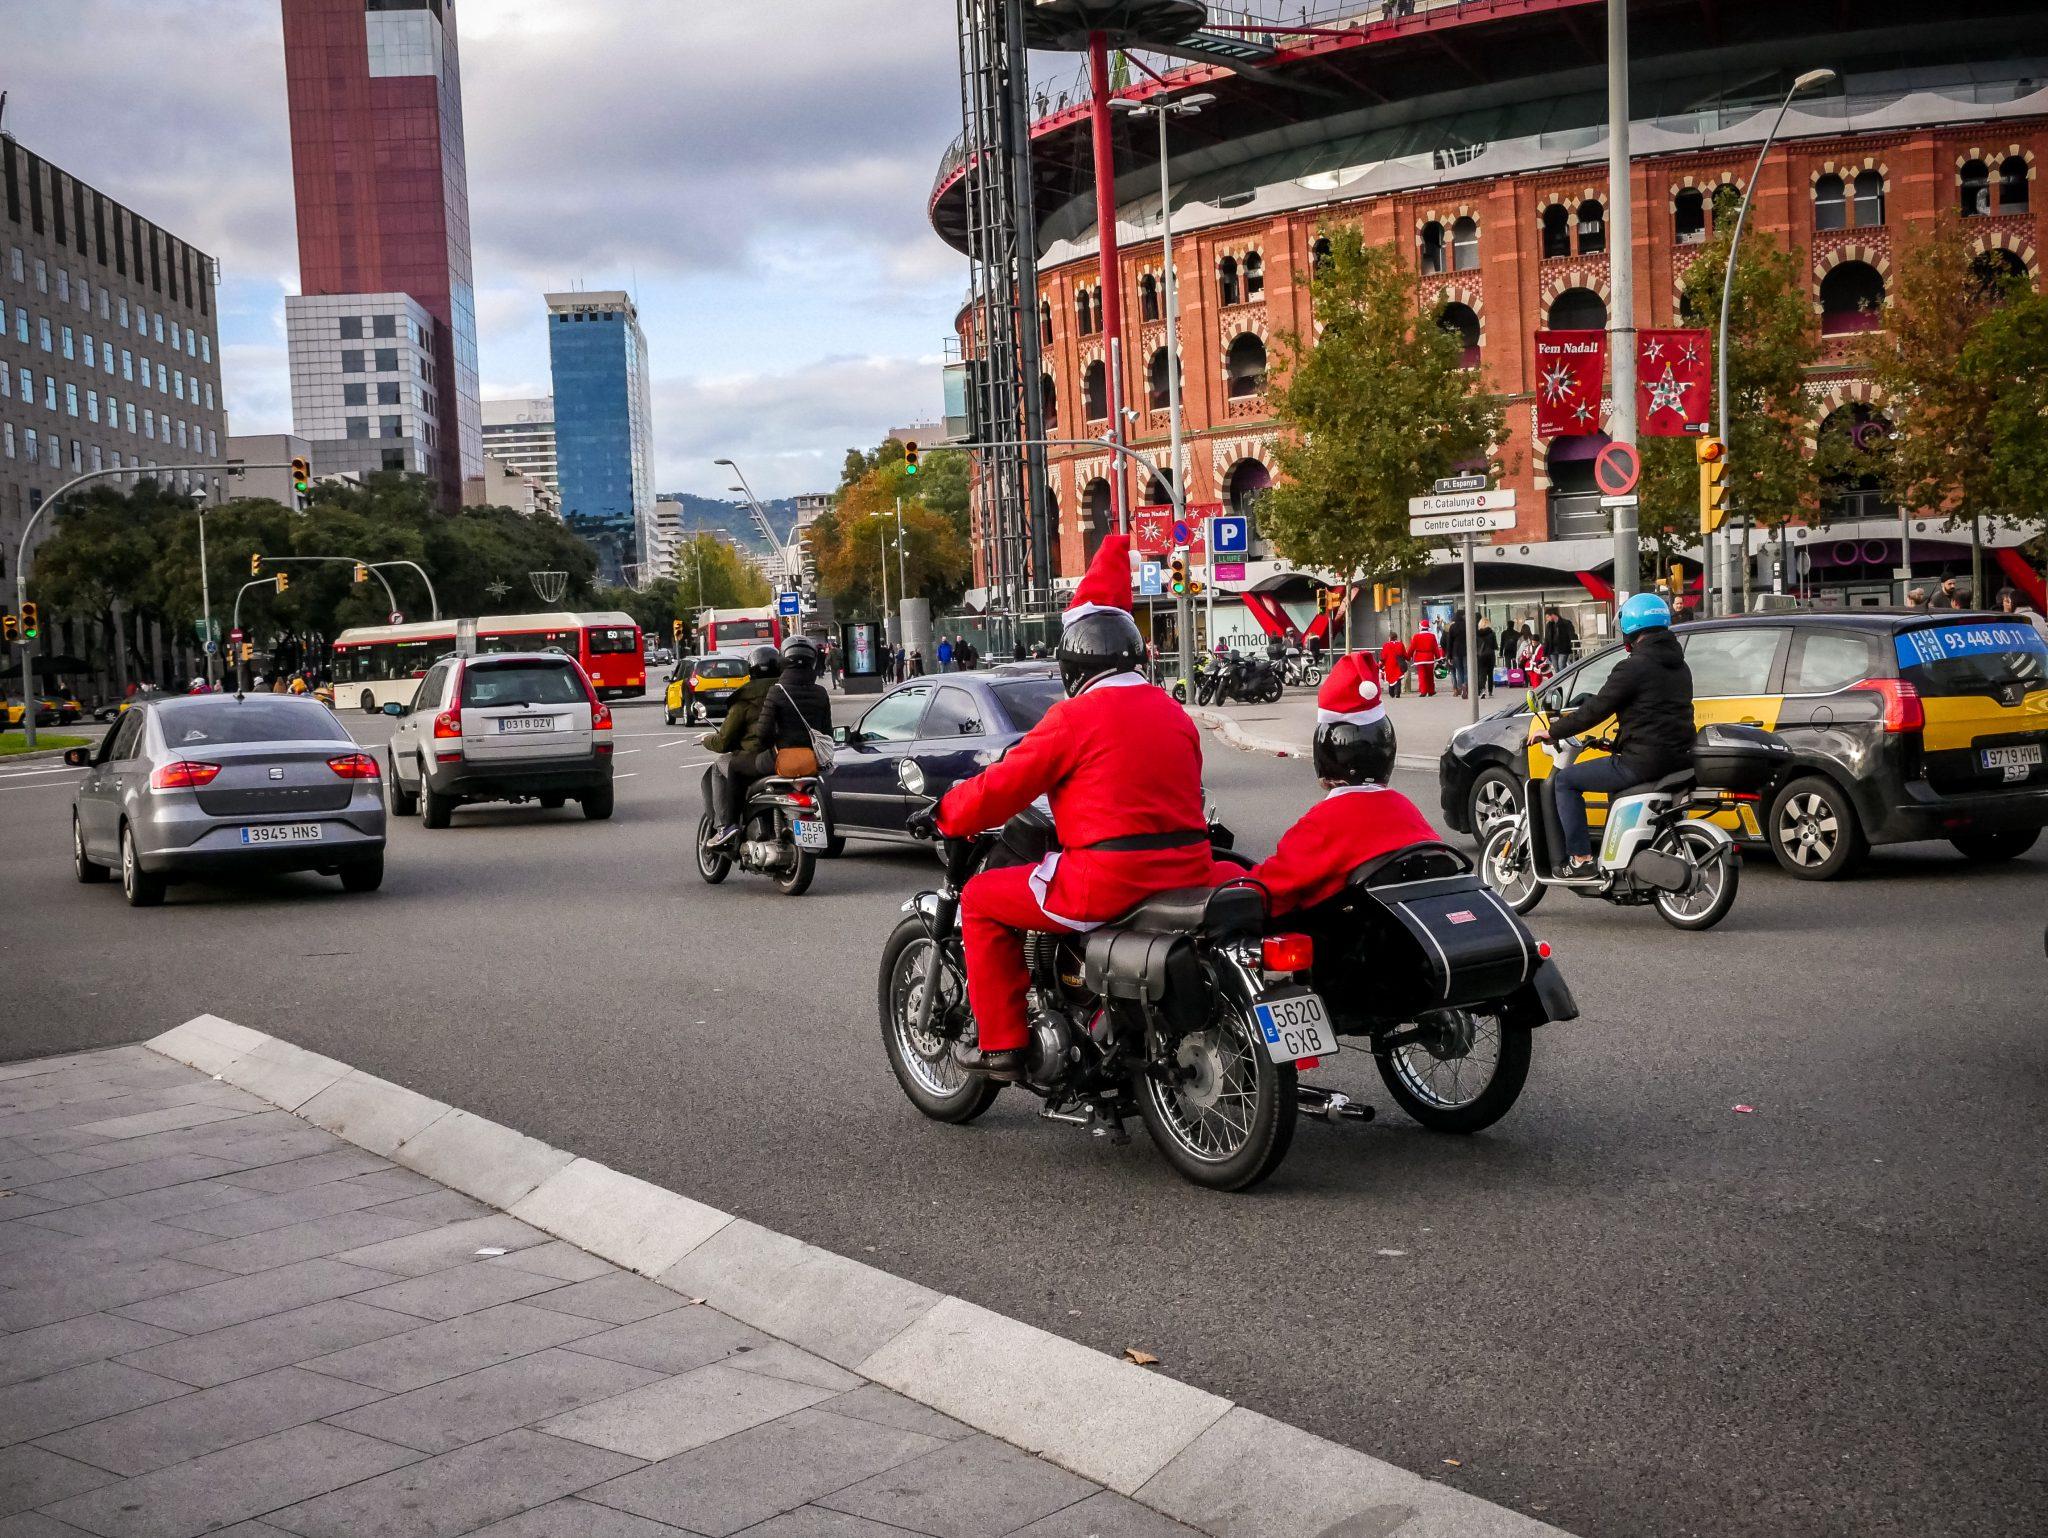 Weihnachtsmänner, welche auf ihrem Motorrad am Plaza España entlang fahren.